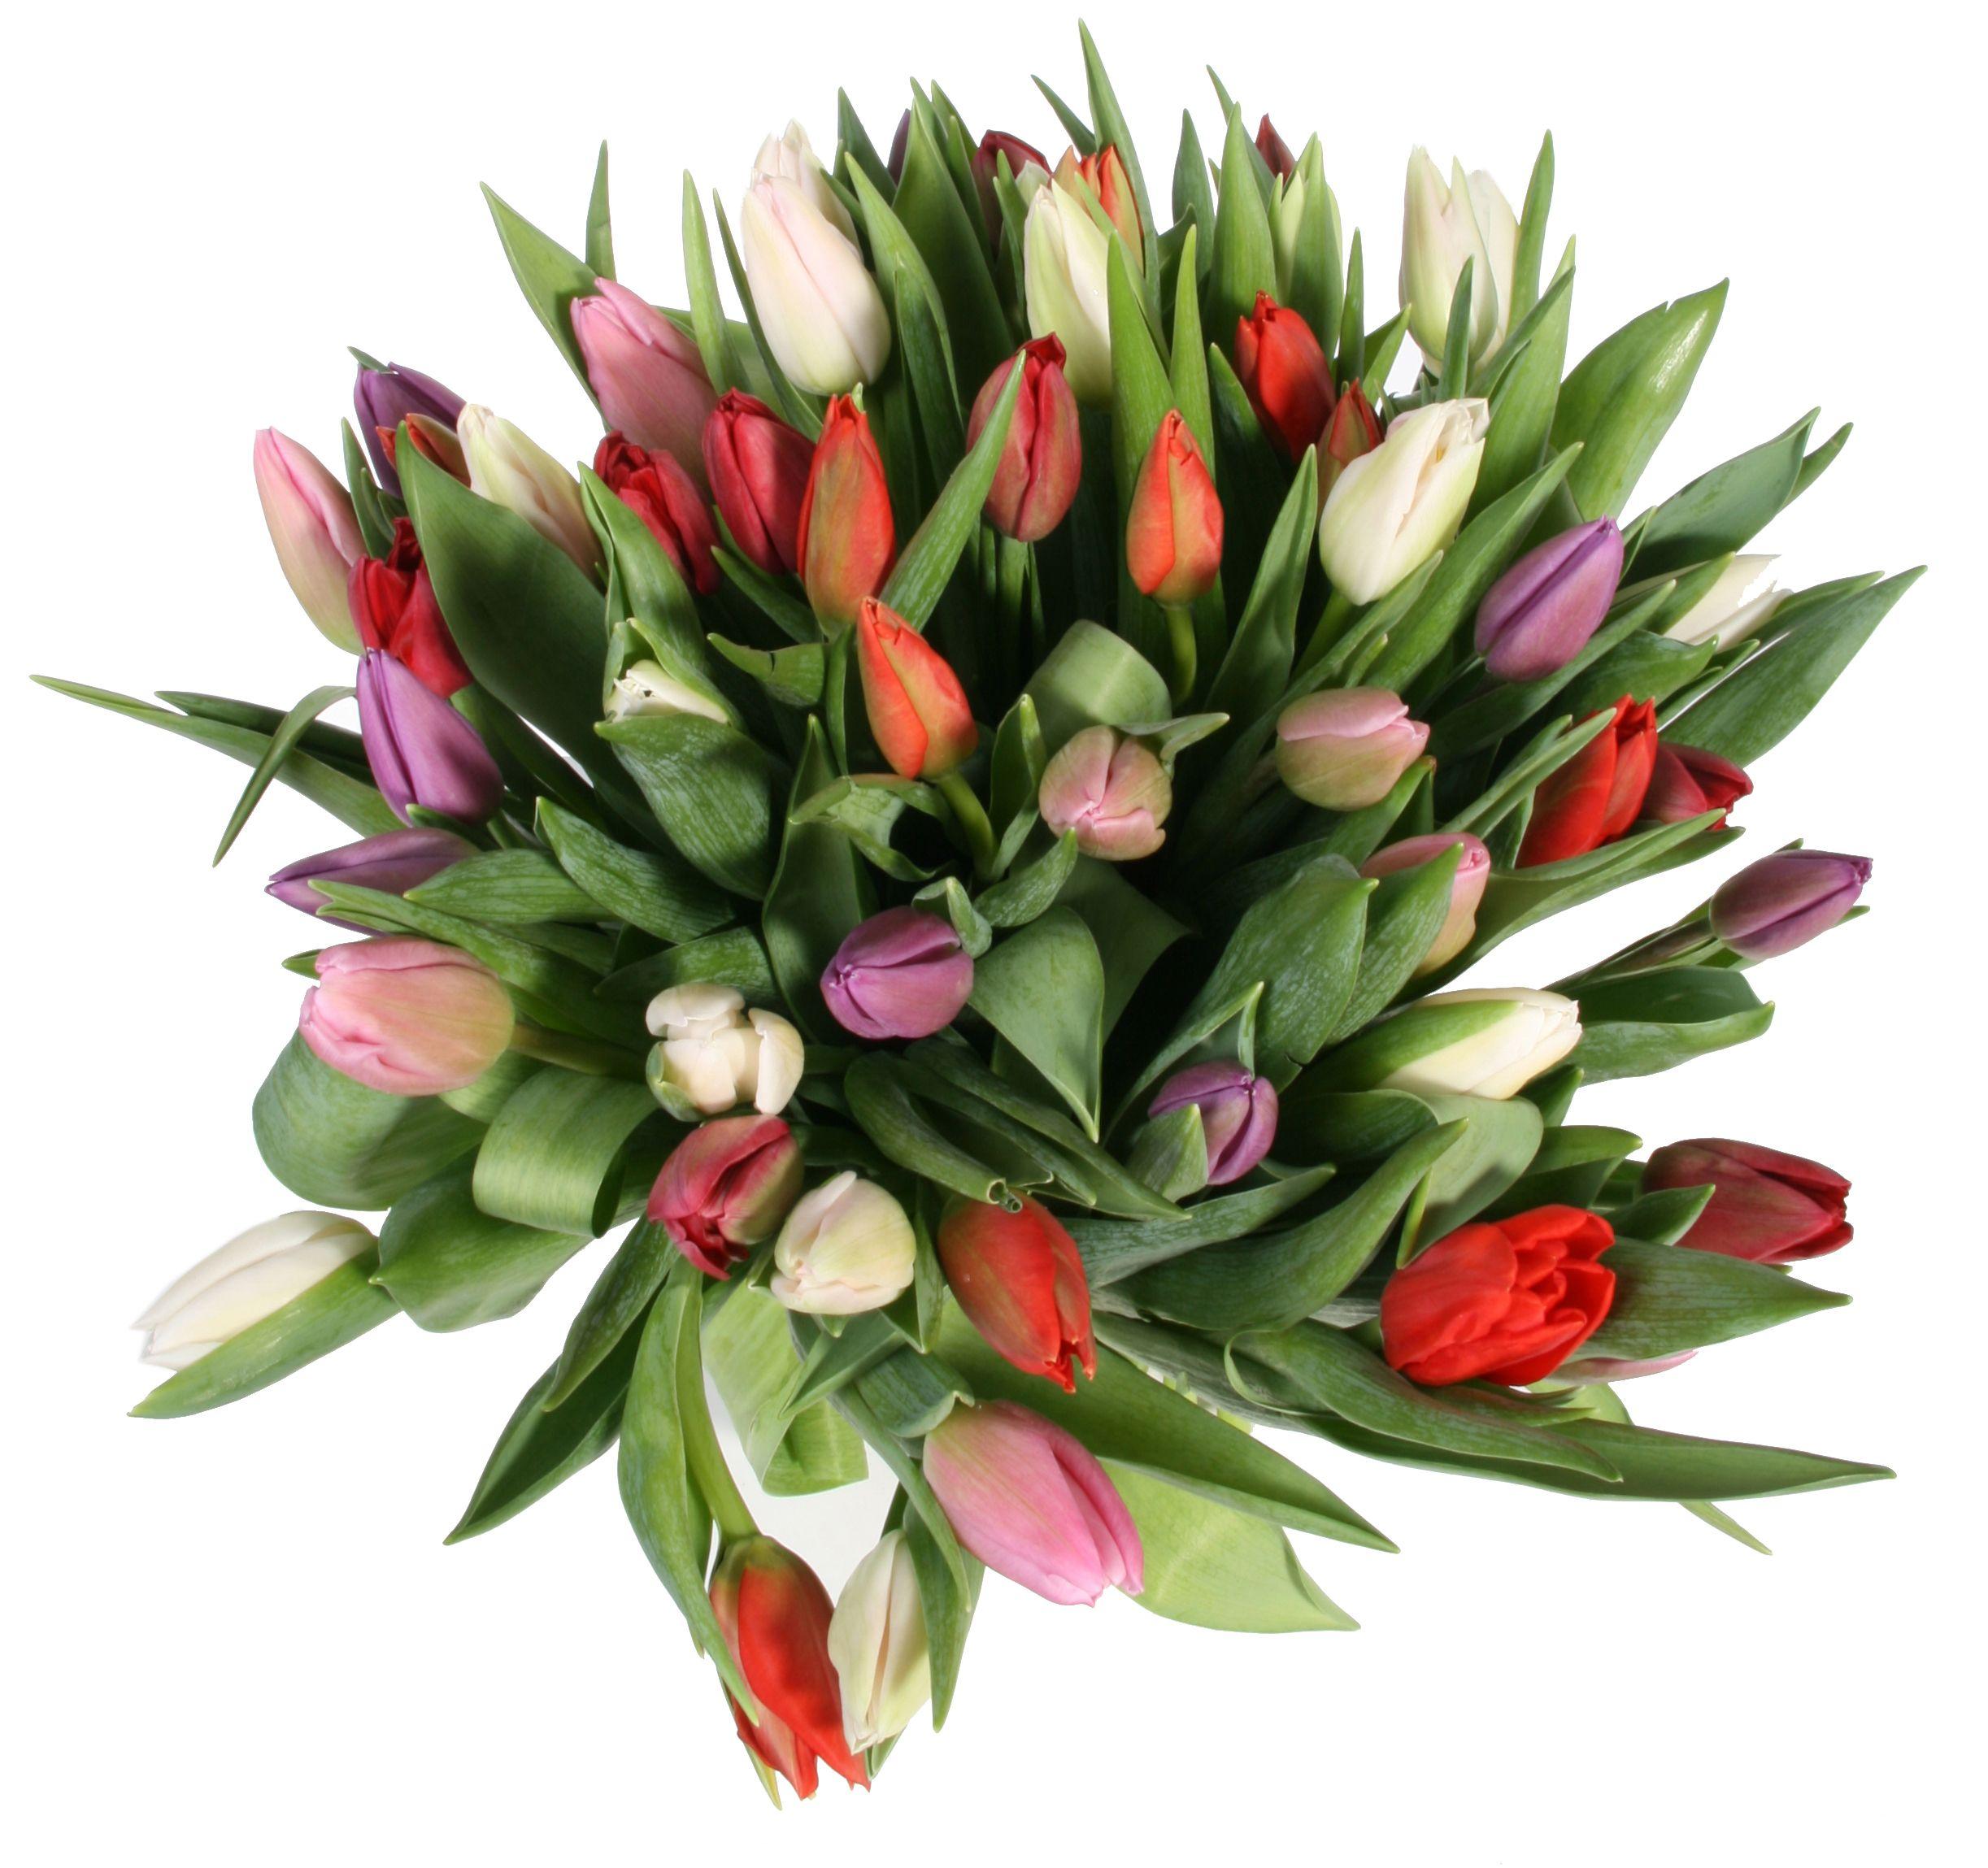 фото букетов из тюльпанов высокого разрешения фоны